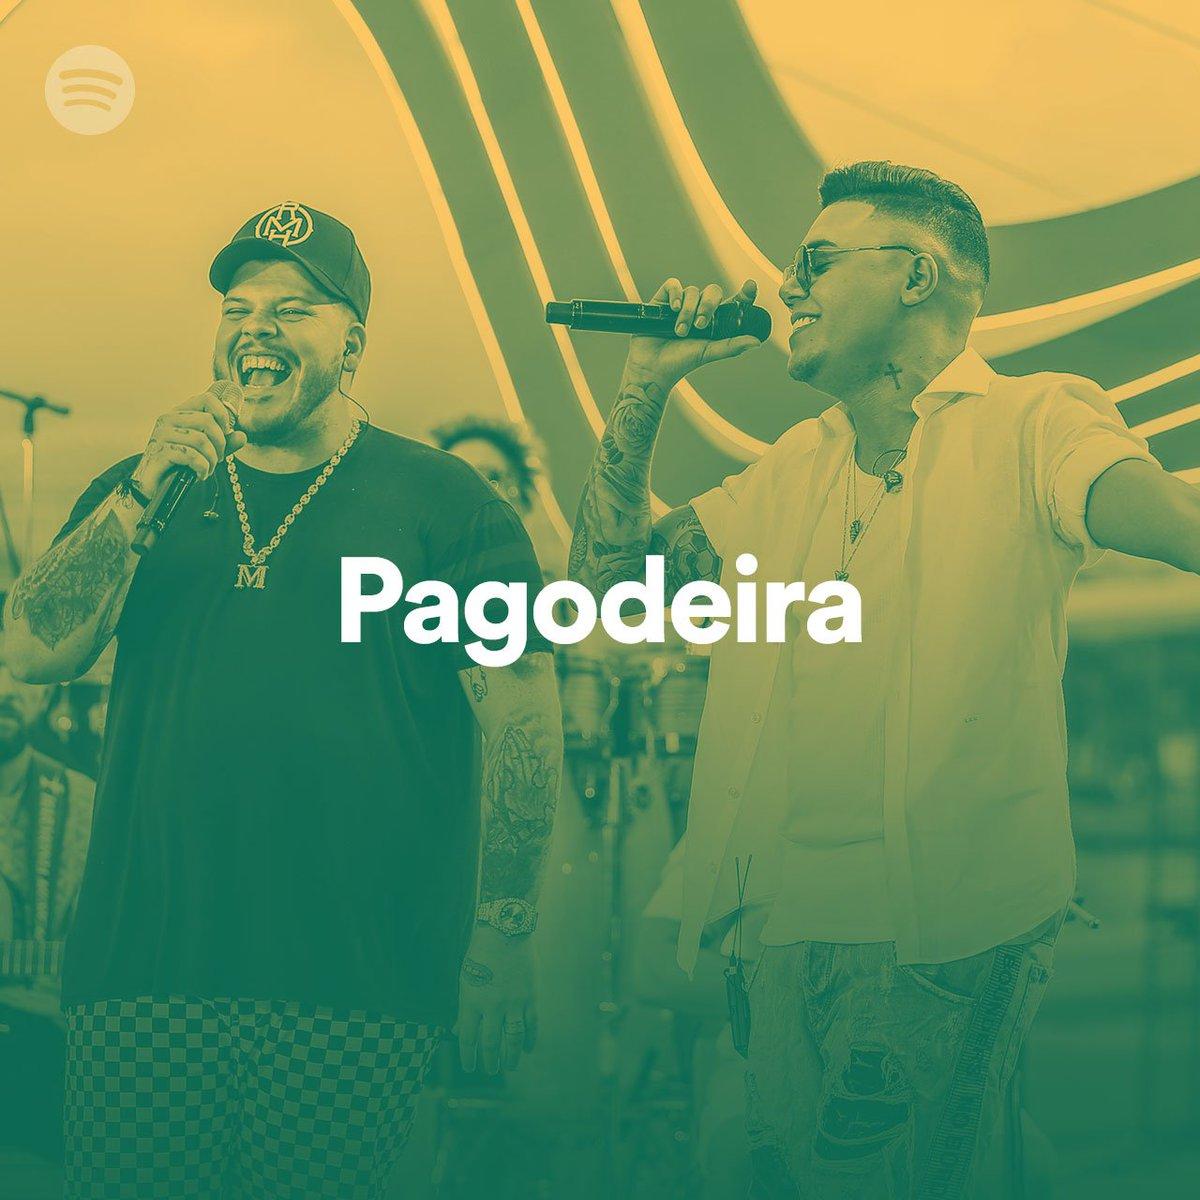 """Hoje o dia está repleto de coisas boas, e tem mais uma, a #Atrasadinha está em destaque na playlist """"Pagodeira"""" no Spotify. Esse dia tá incrível, né não?! 😃 👉🏽 http://bit.ly/PlaylistPagodeira… #FelipeAraújo #PorInteiro"""